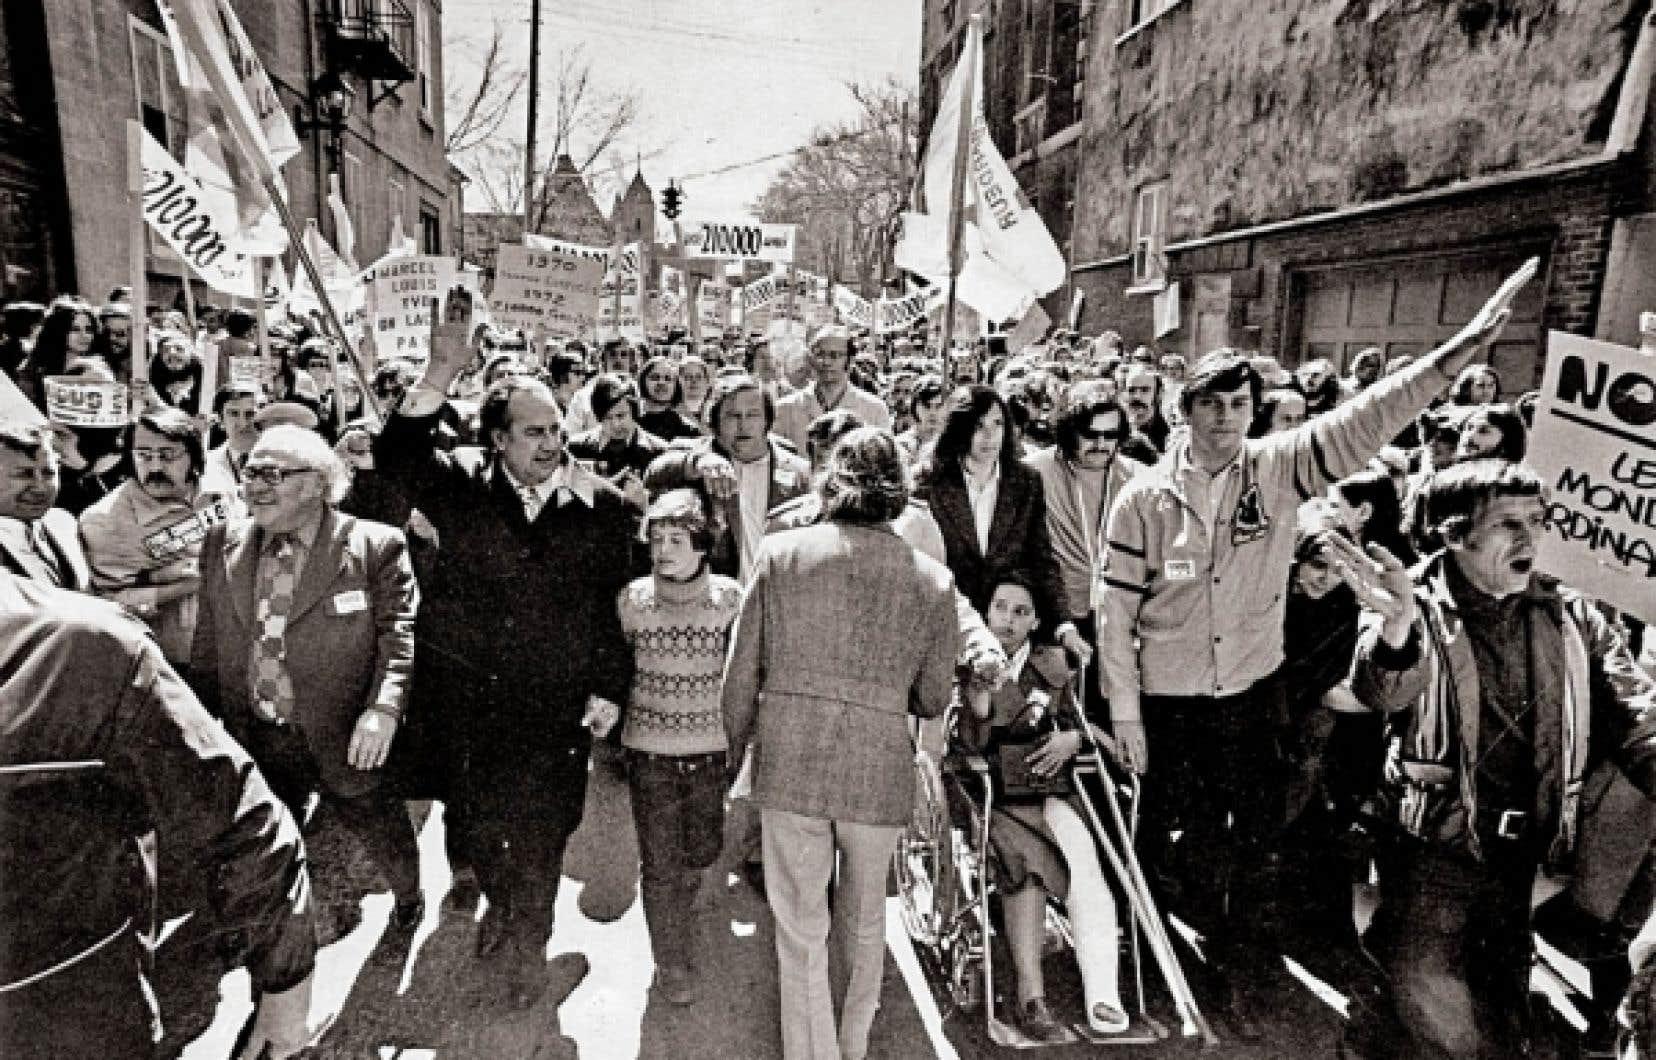 Louis Laberge, président de la FTQ, et Marcel Pepin, président de la CSN, à la tête d'une manifestation du Front commun des grandes centrales syndicales, en 1972.